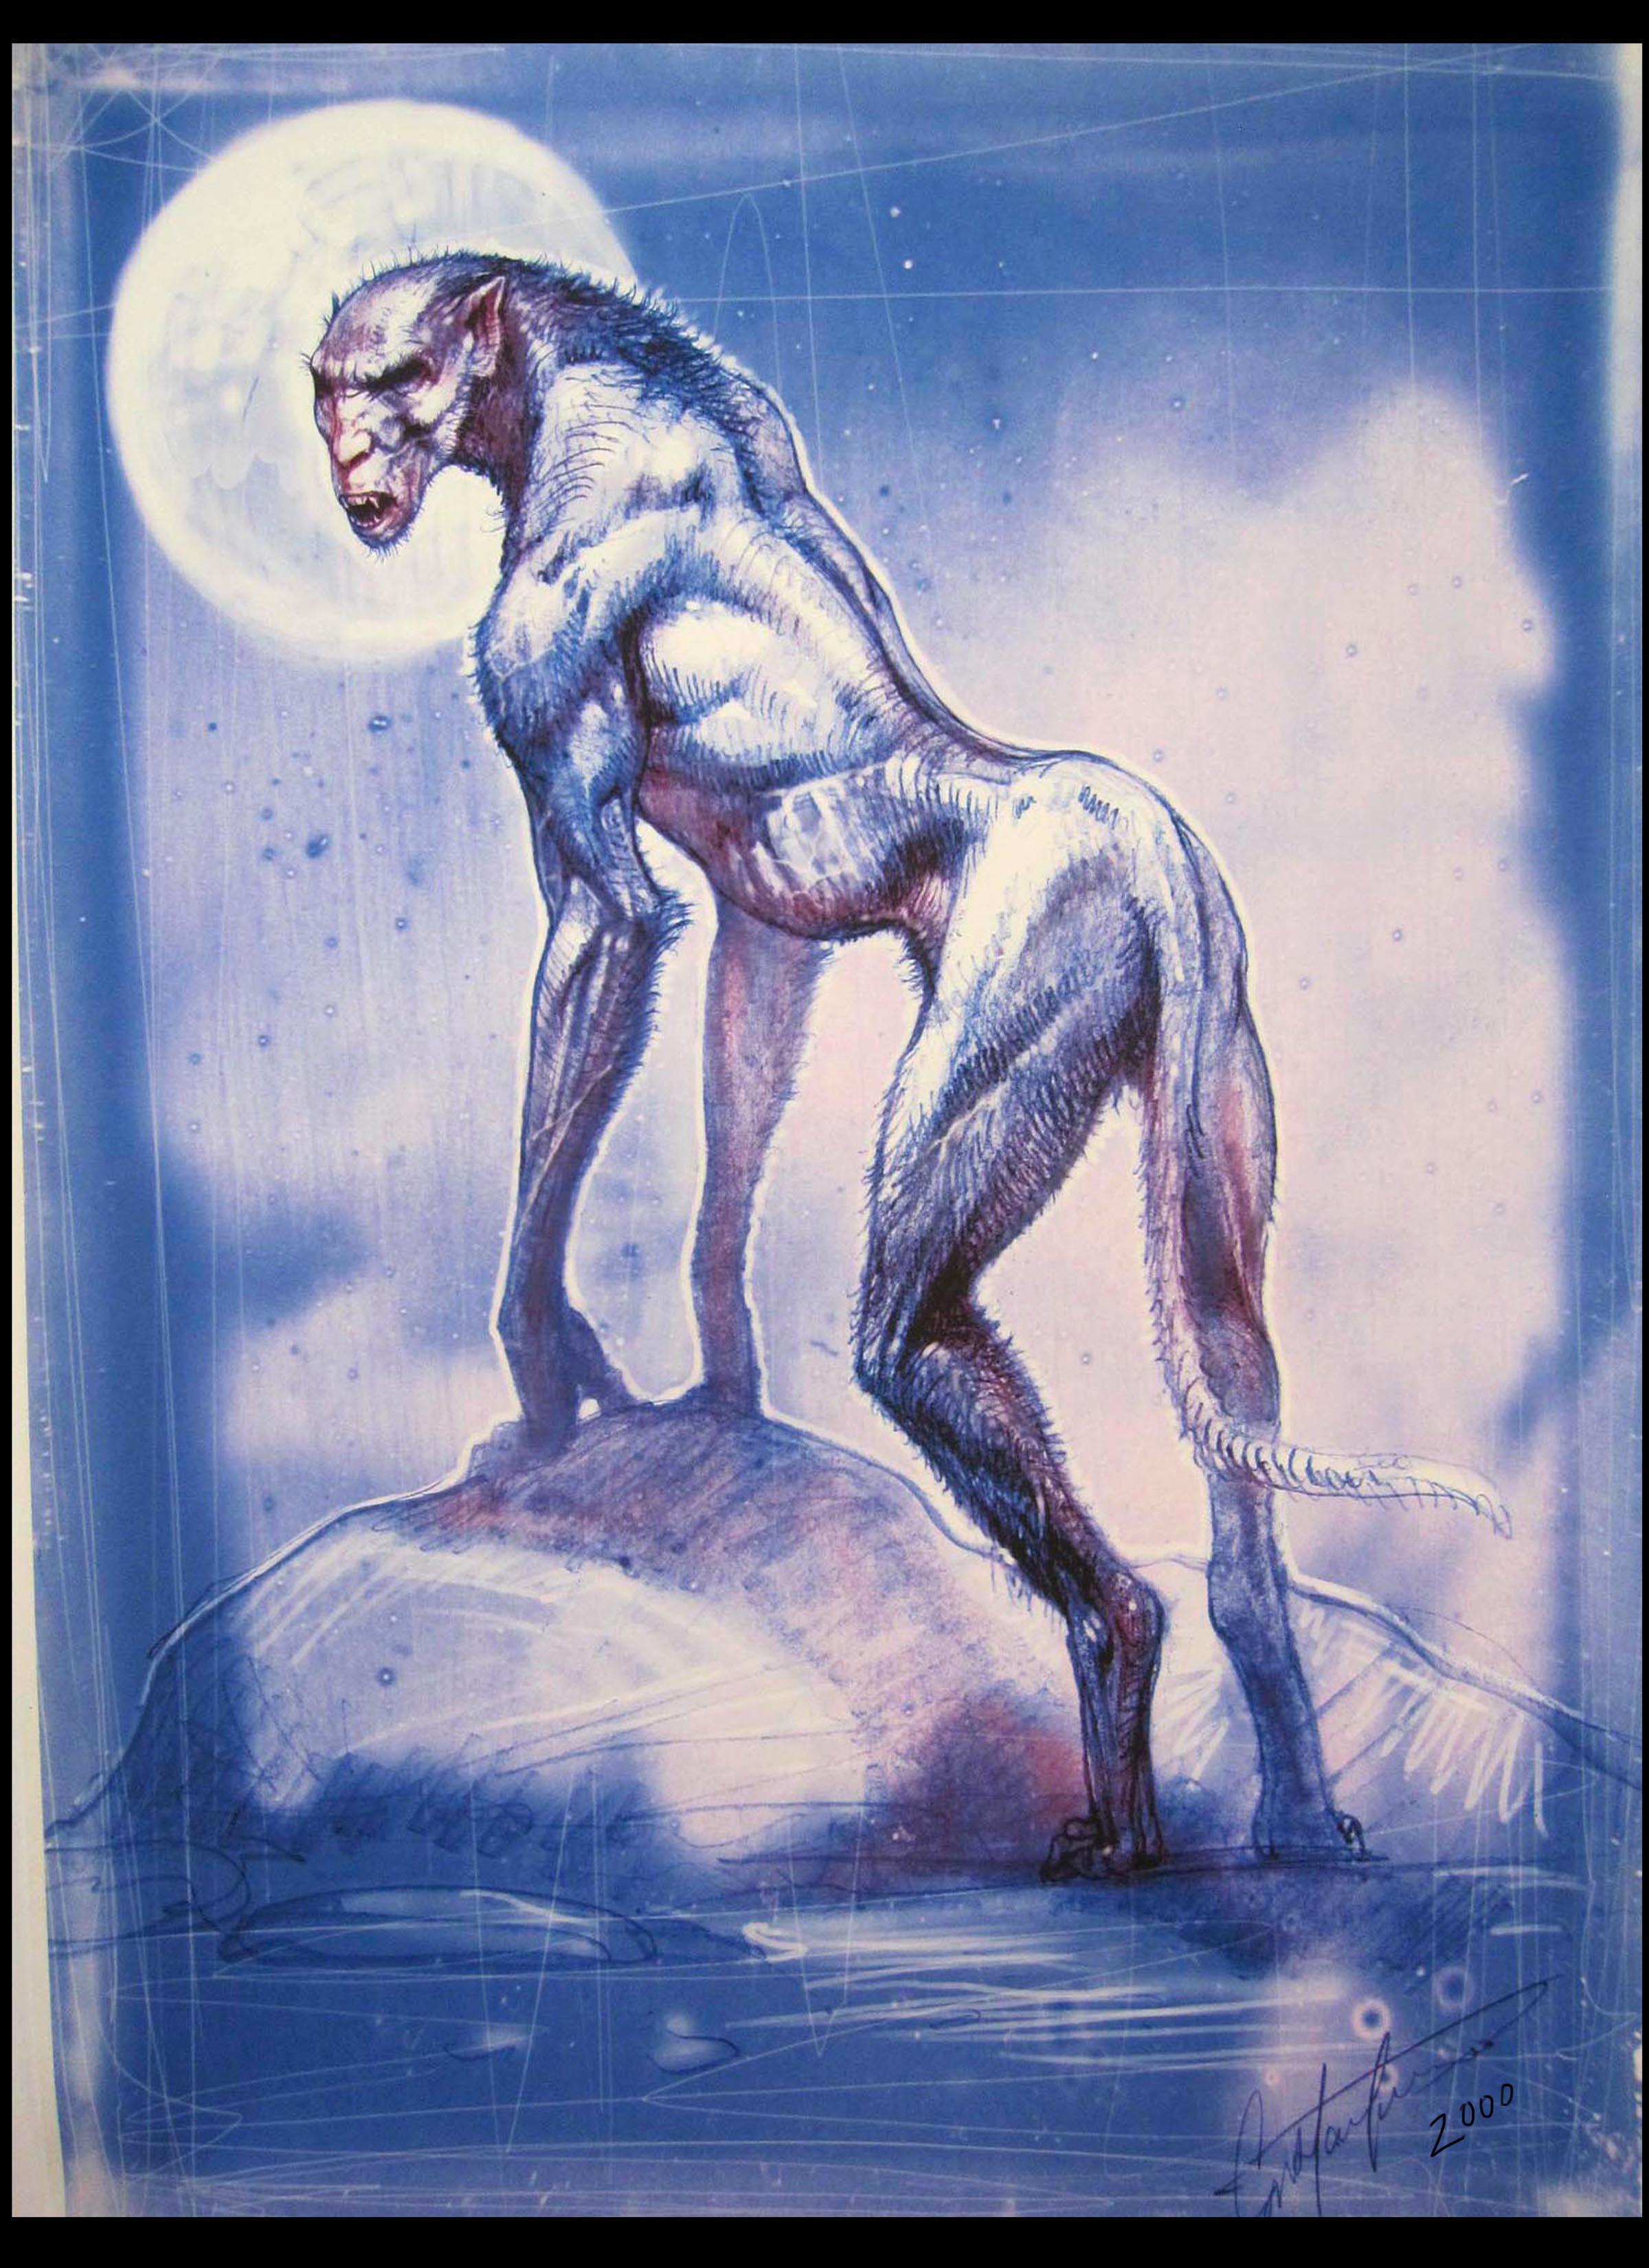 werwolf fantasy creature design scetch